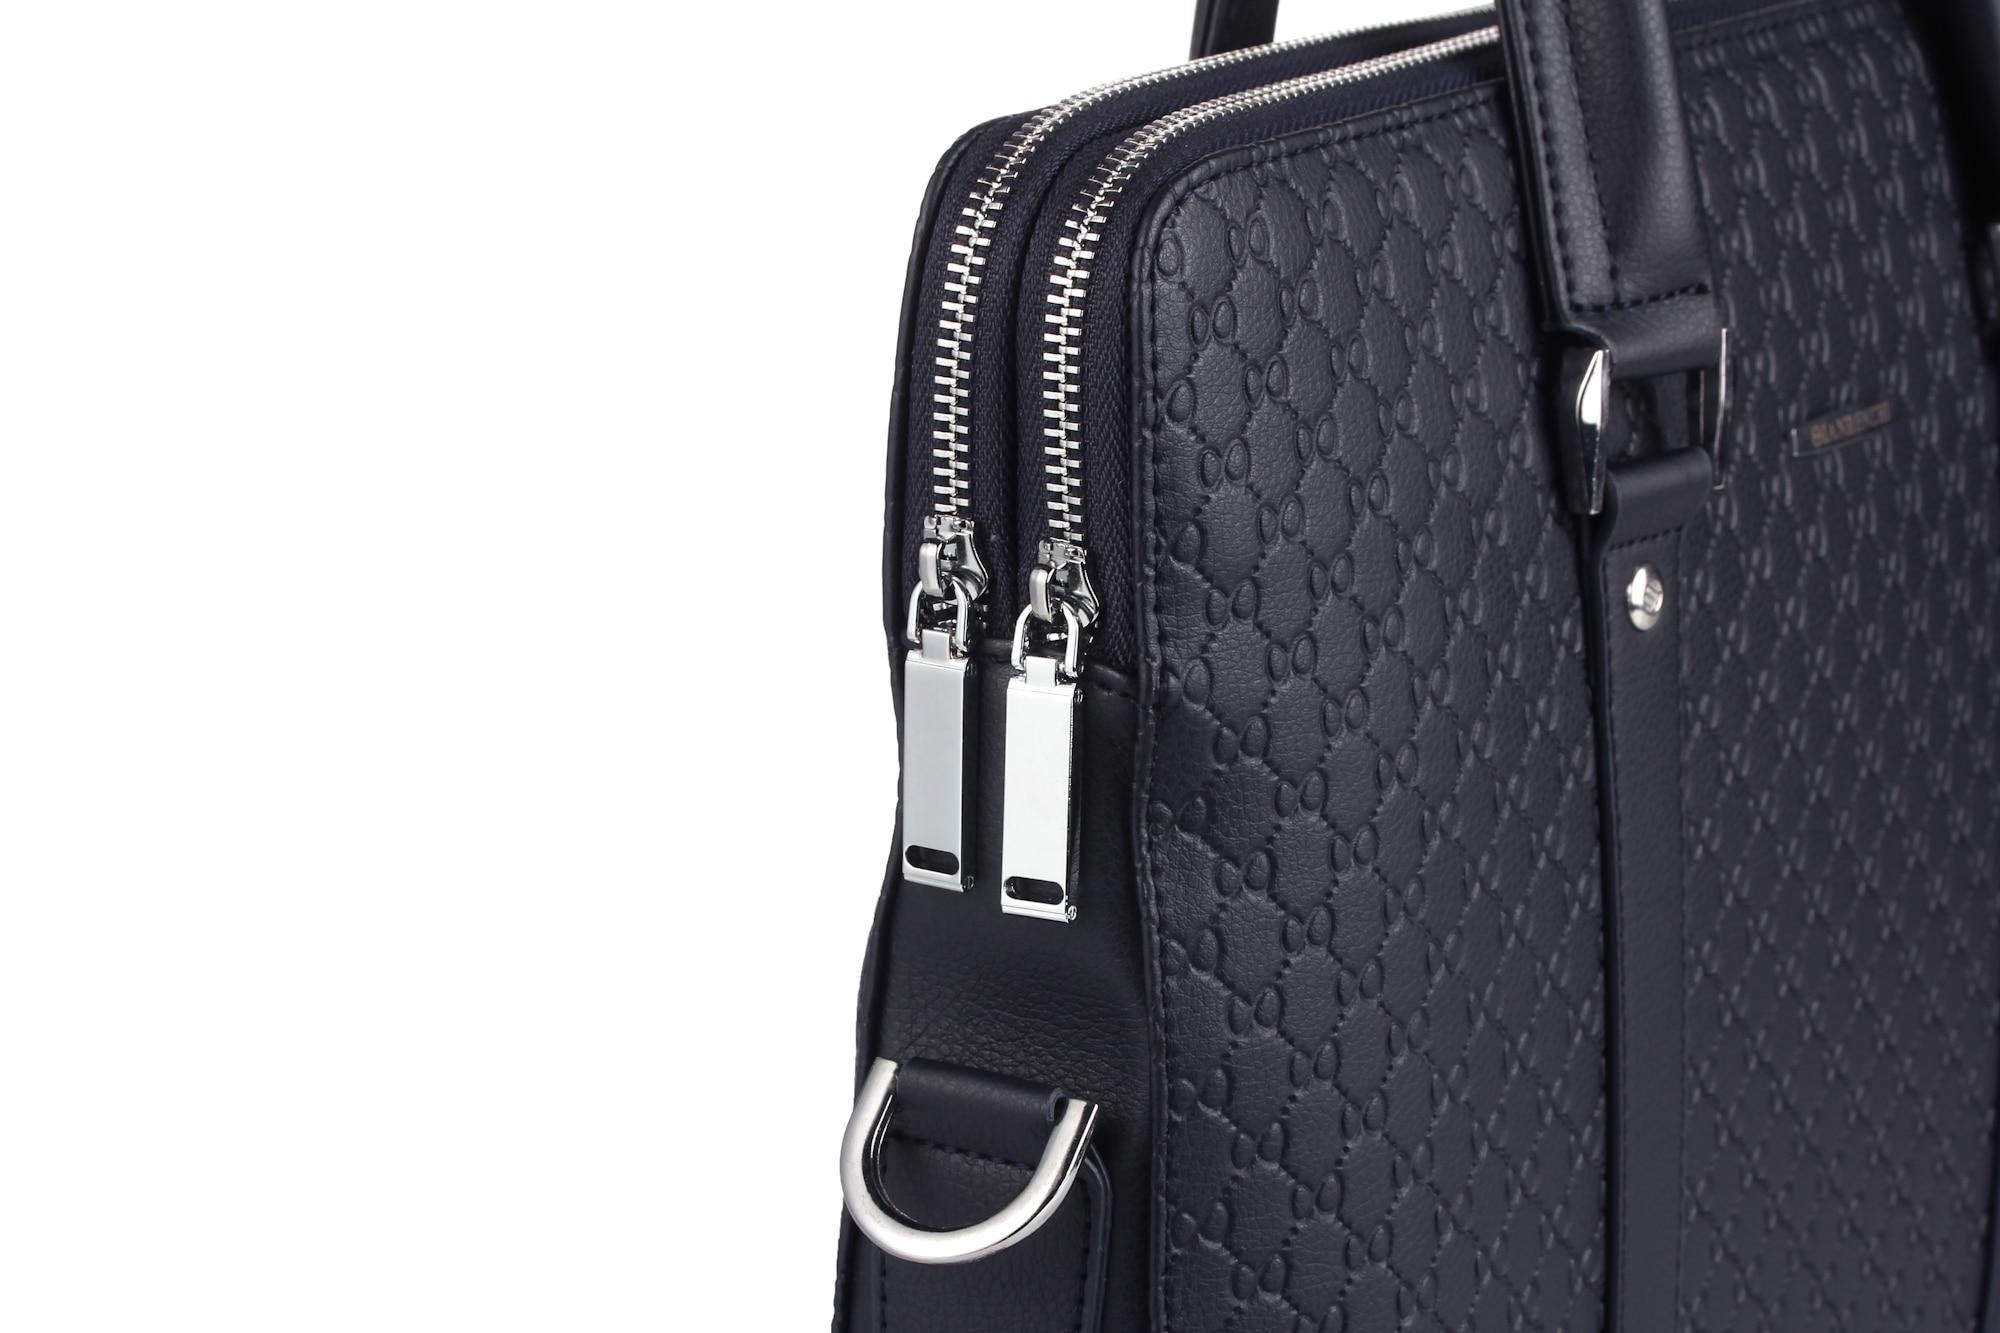 Doble capa de microfibra de cuero sintético de los hombres Maletín de negocios Casual bolso de hombro bolsa de mensajero portátil bolso de viaje - 4